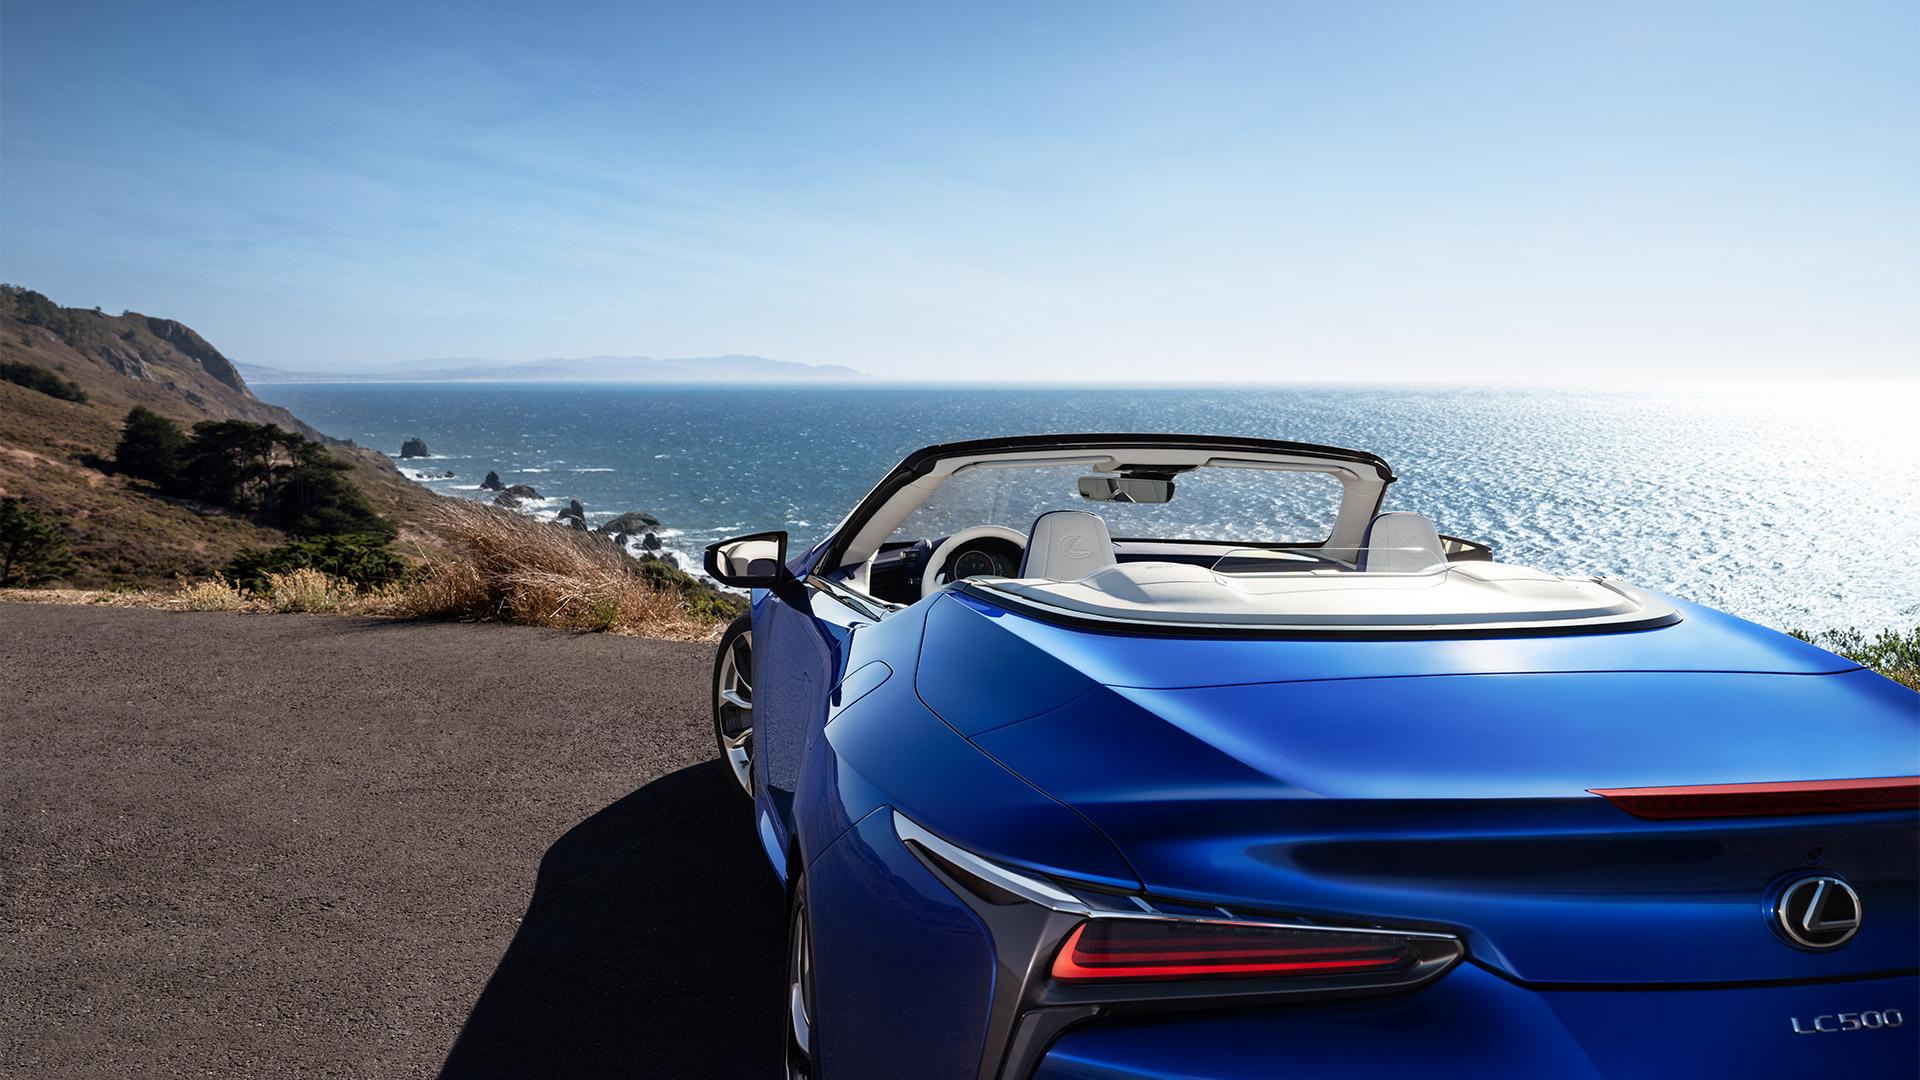 08 2019 027 nieuwe Lexus LC 500 Convertible 1920x1080 galerij